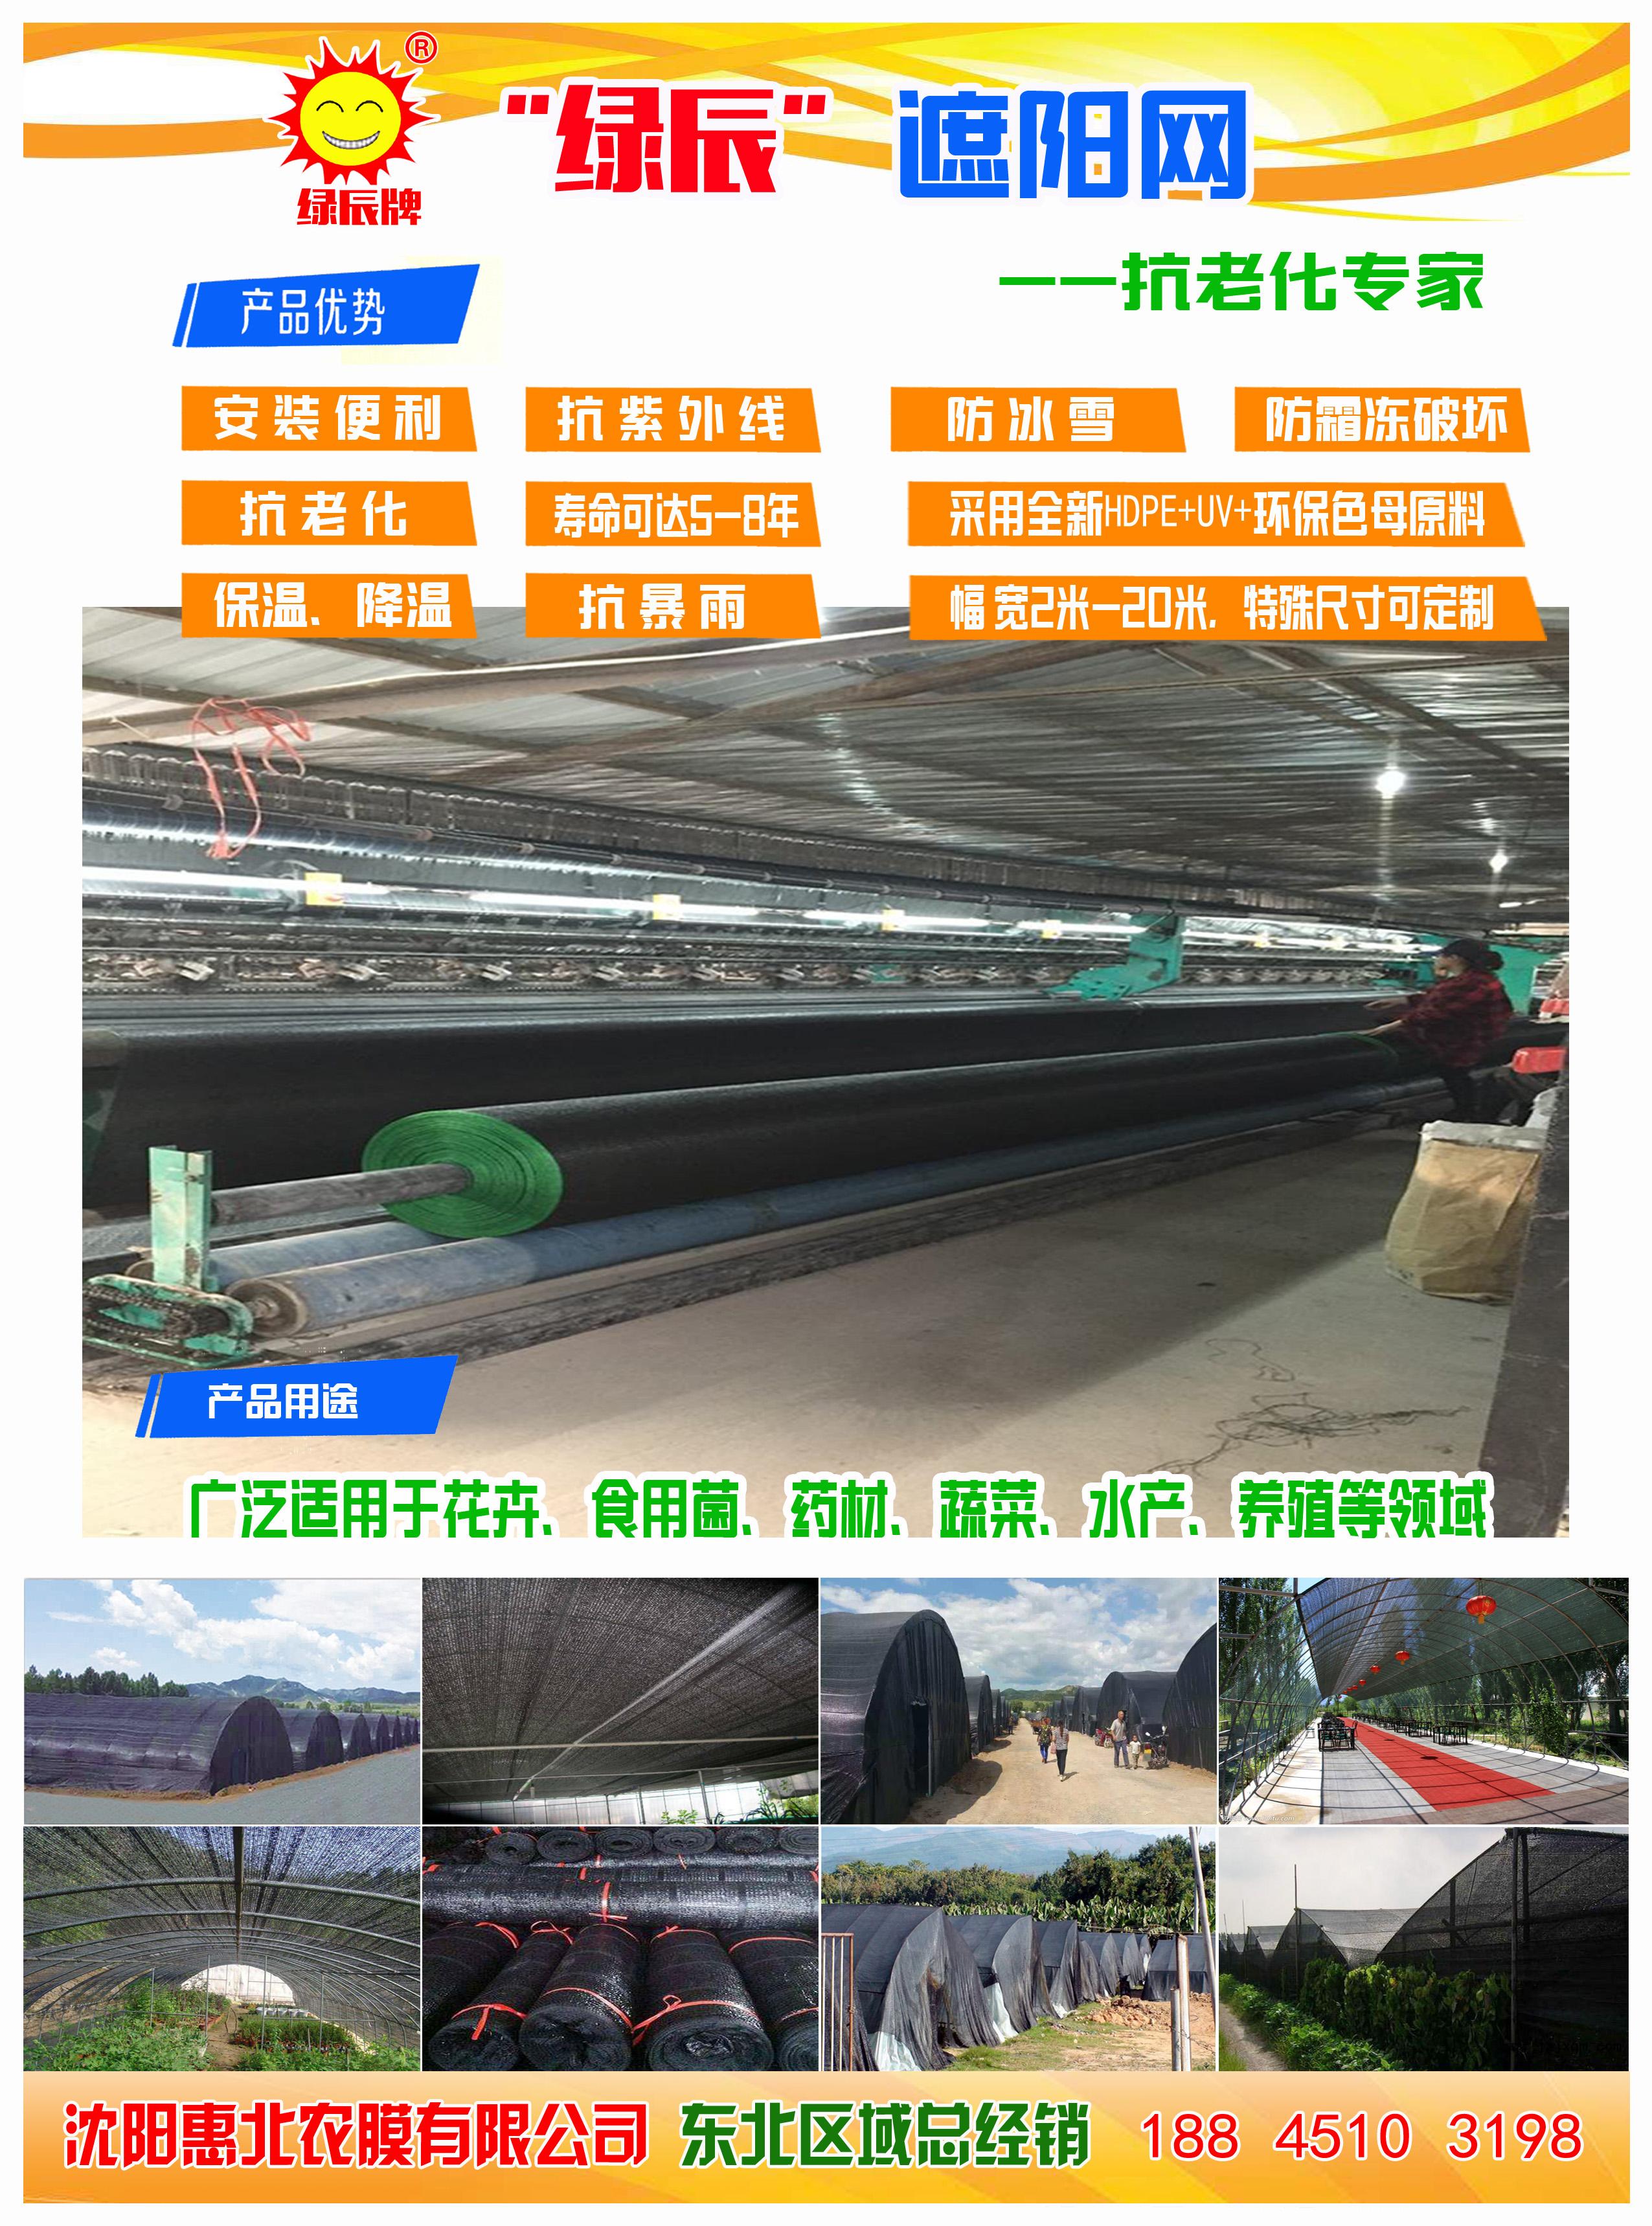 绿辰遮阳网,东北区域总经销